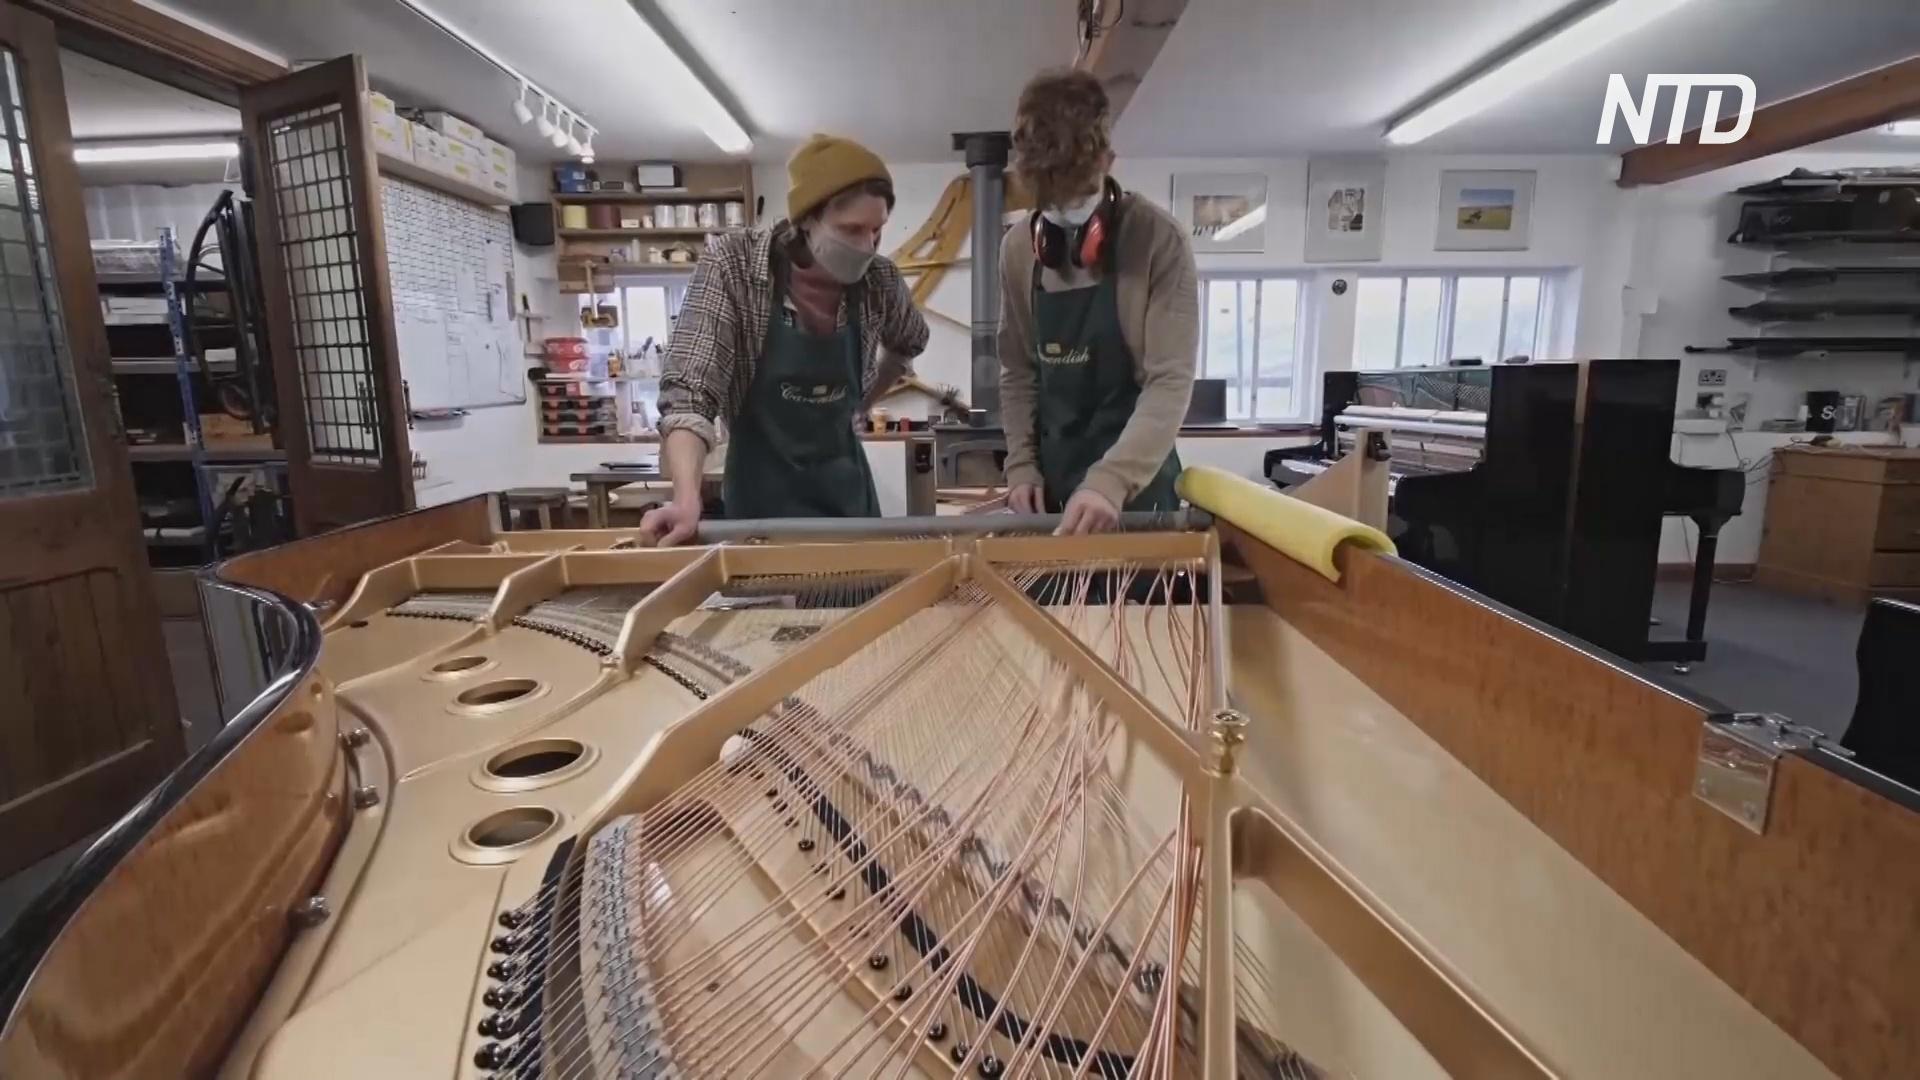 Традиционное мастерство производство пианино оживает благодаря карантину